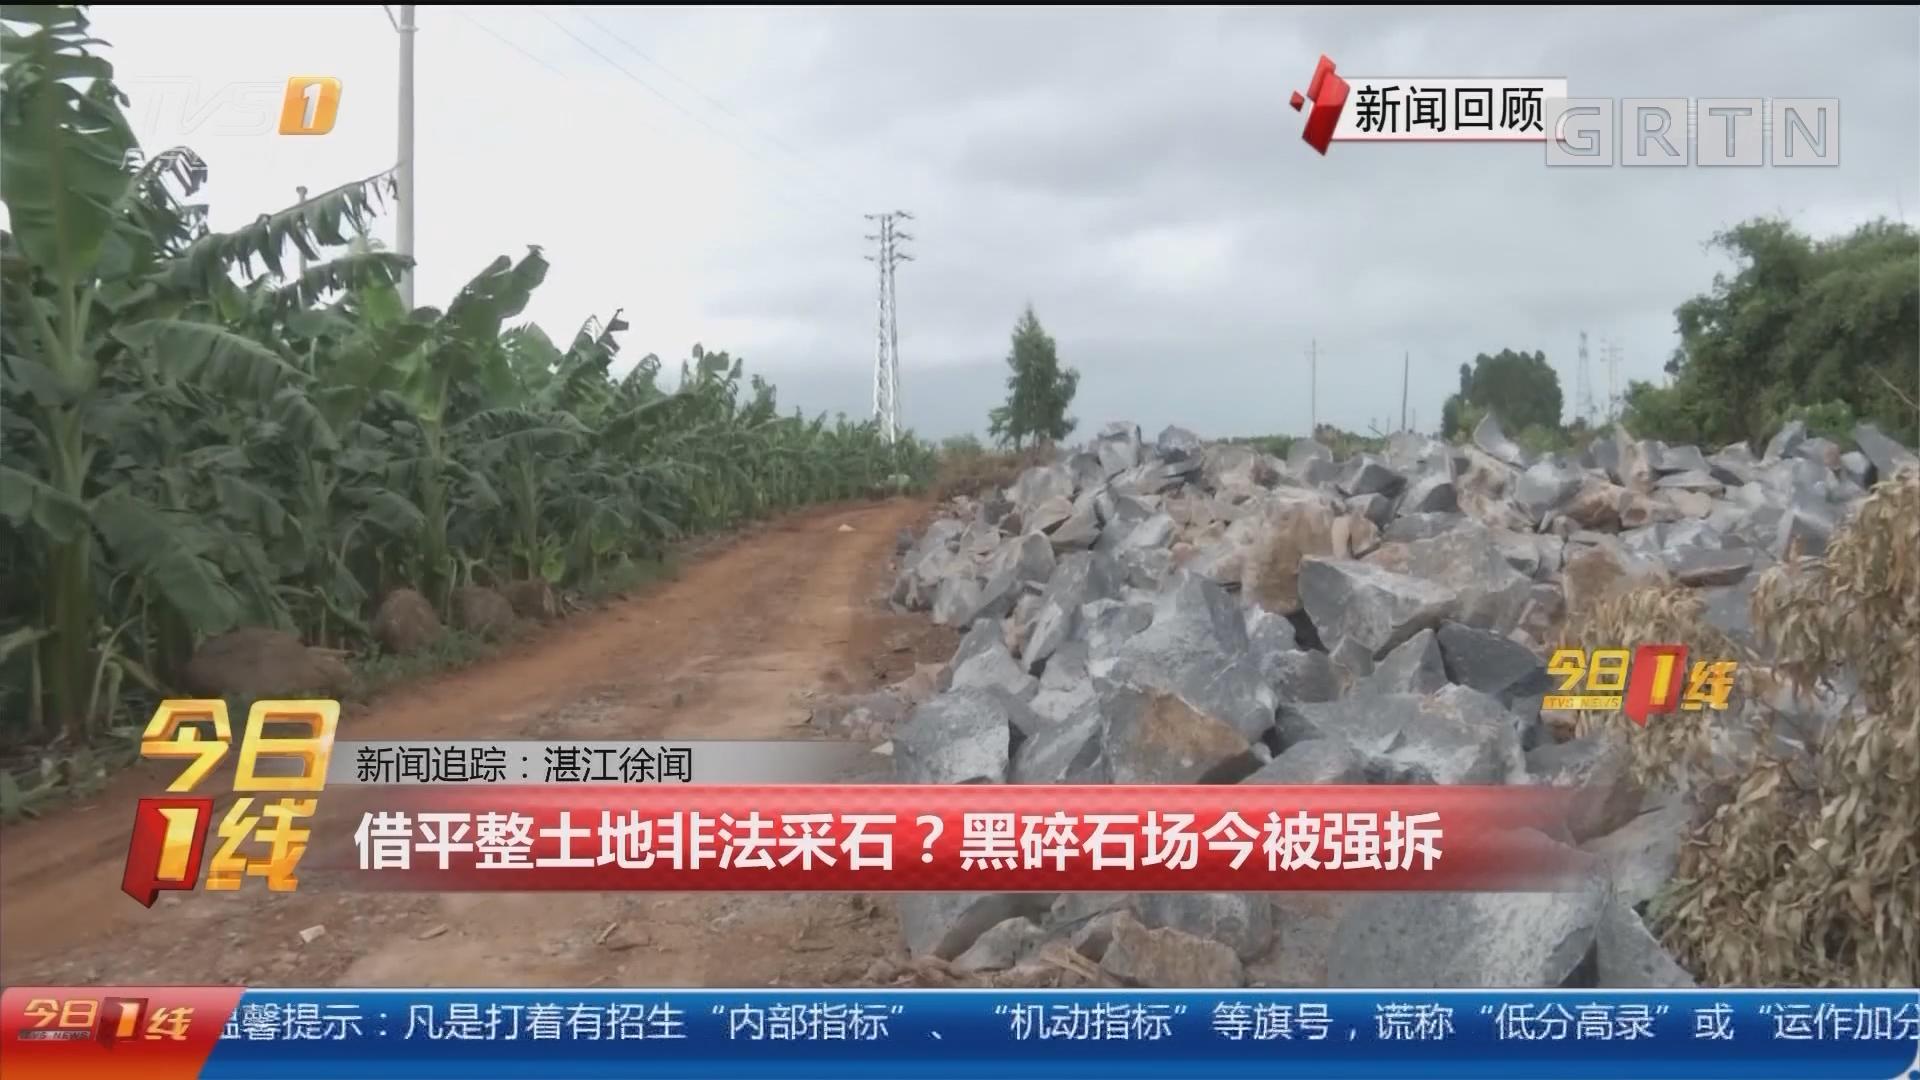 新闻追踪:湛江徐闻 借平整土地非法采石?黑碎石场今被强拆